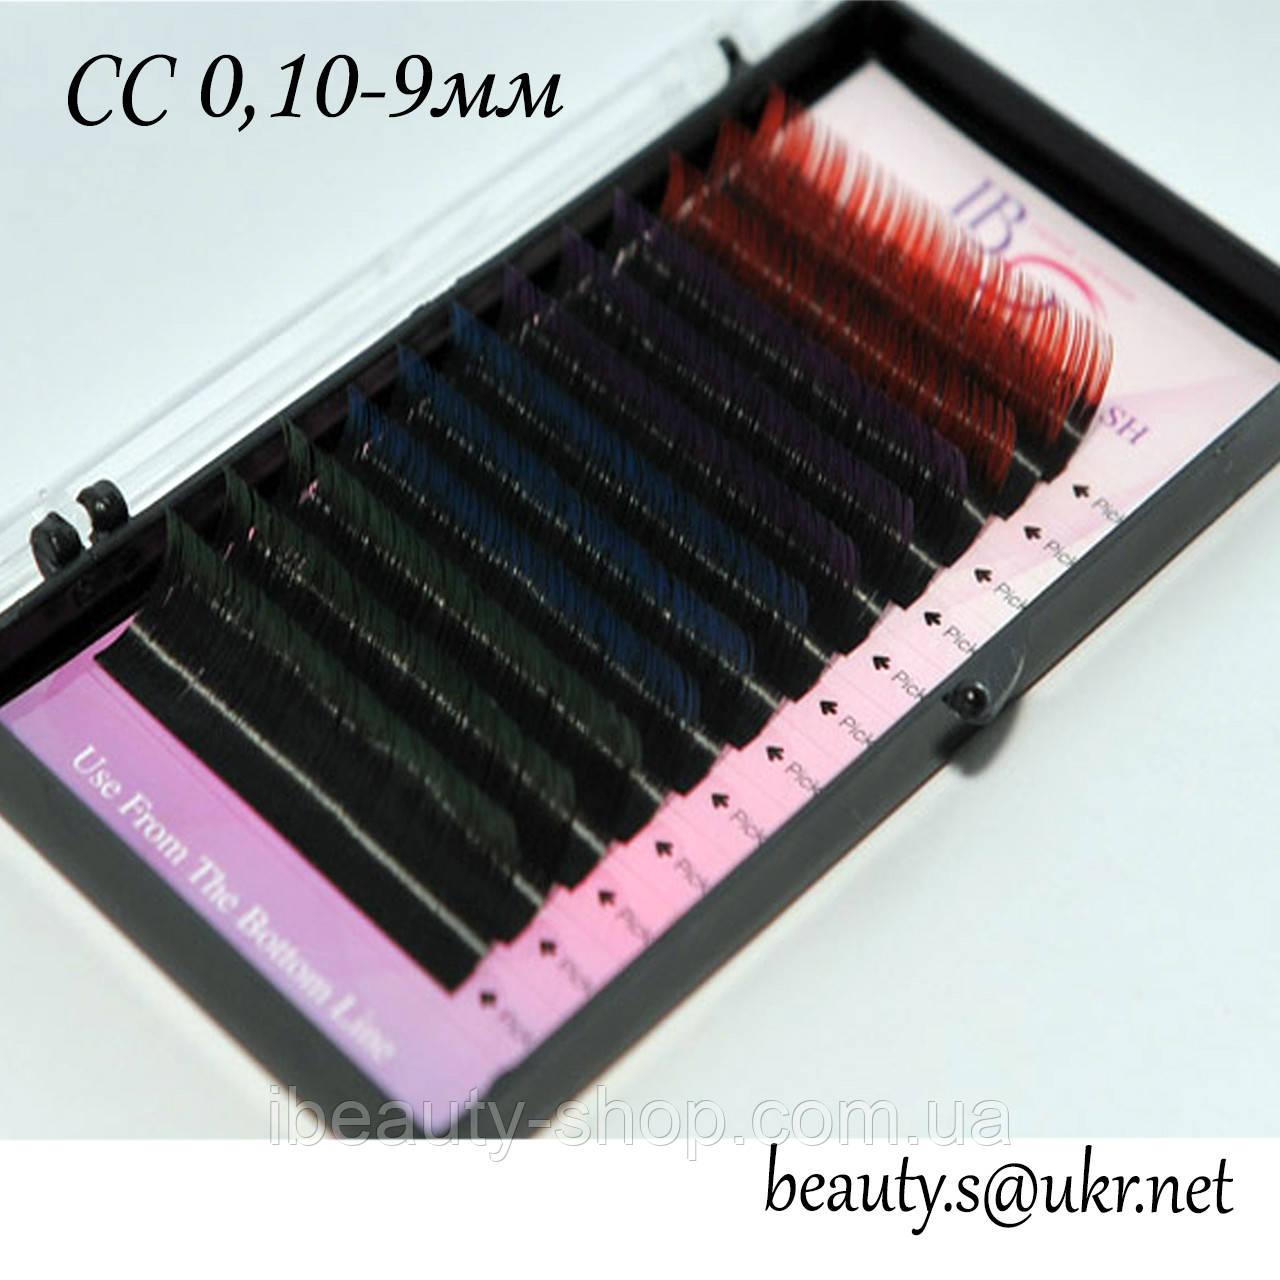 Вії I-Beauty, CC 0,10-9мм,кольорові кінці,4 кольори